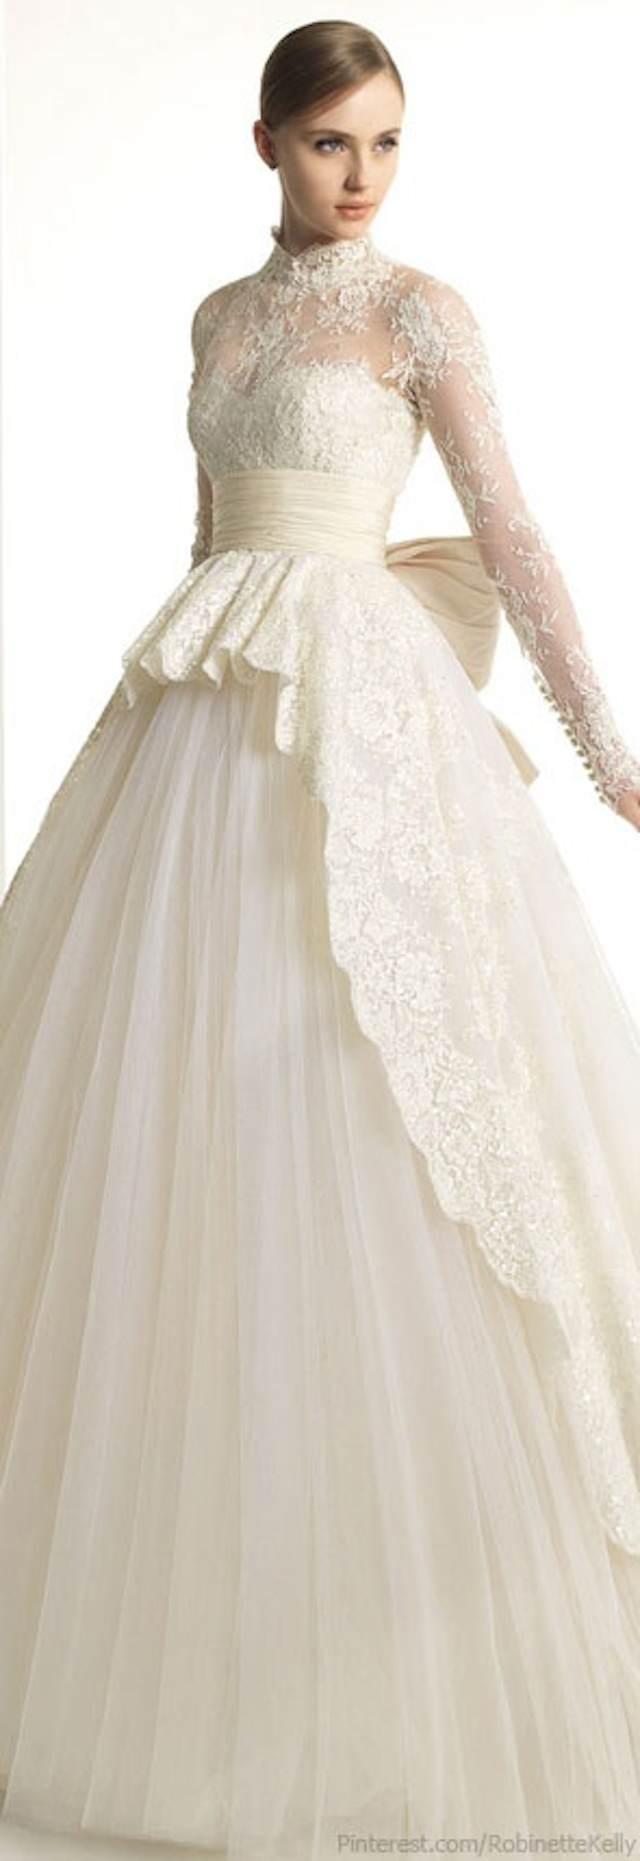 vestido de boda mangas largas estilo navideño encaje